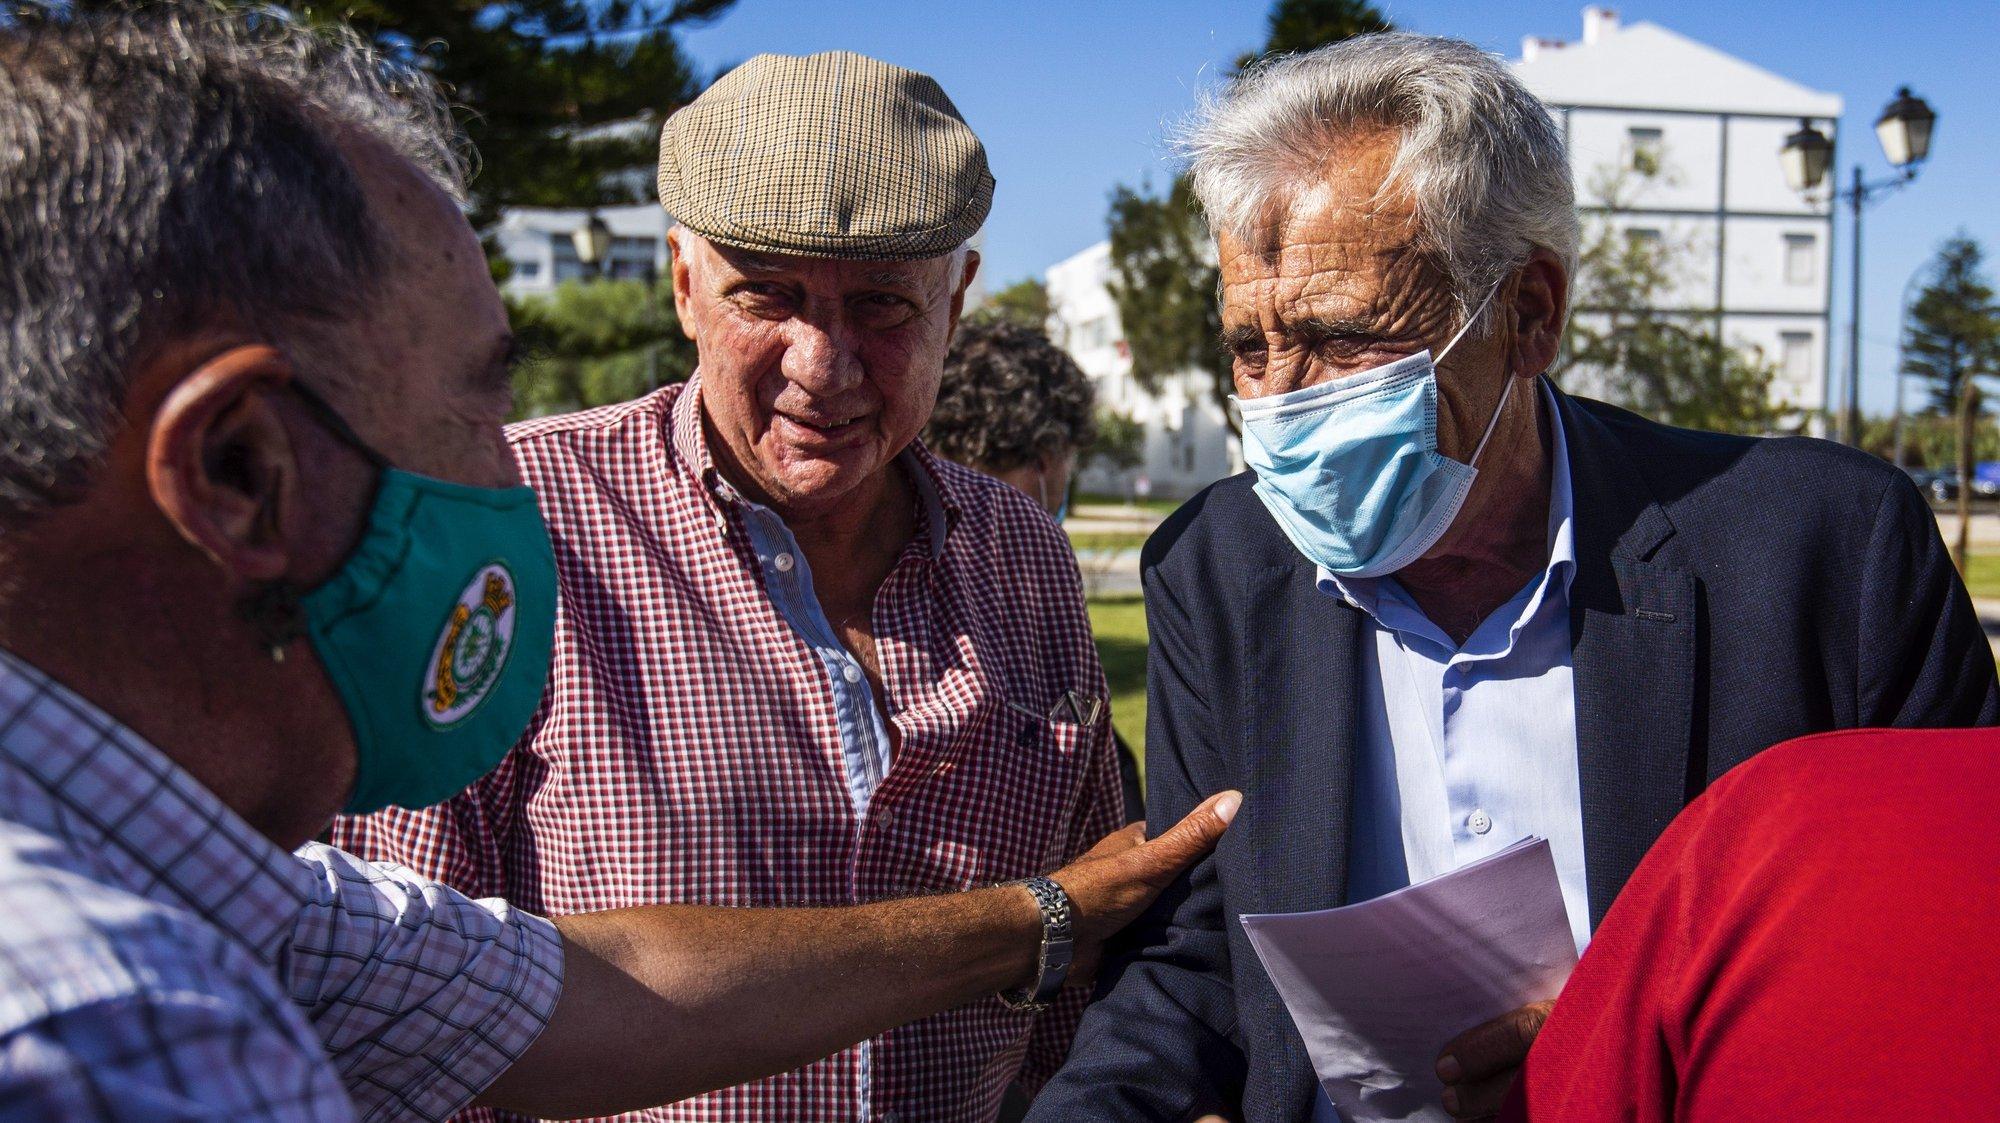 O secretário-geral do Partido Comunista Português (PCP), Jerónimo de Sousa (D), durante uma ação de campanha no Jardim das Descobertas, em Sines, 20 de setembro de 2021. No próximo dia 26 de setembro mais de 9,3 milhões eleitores podem votar nas eleições Autárquicas, para eleger os seus representantes locais. TIAGO CANHOTO/LUSA